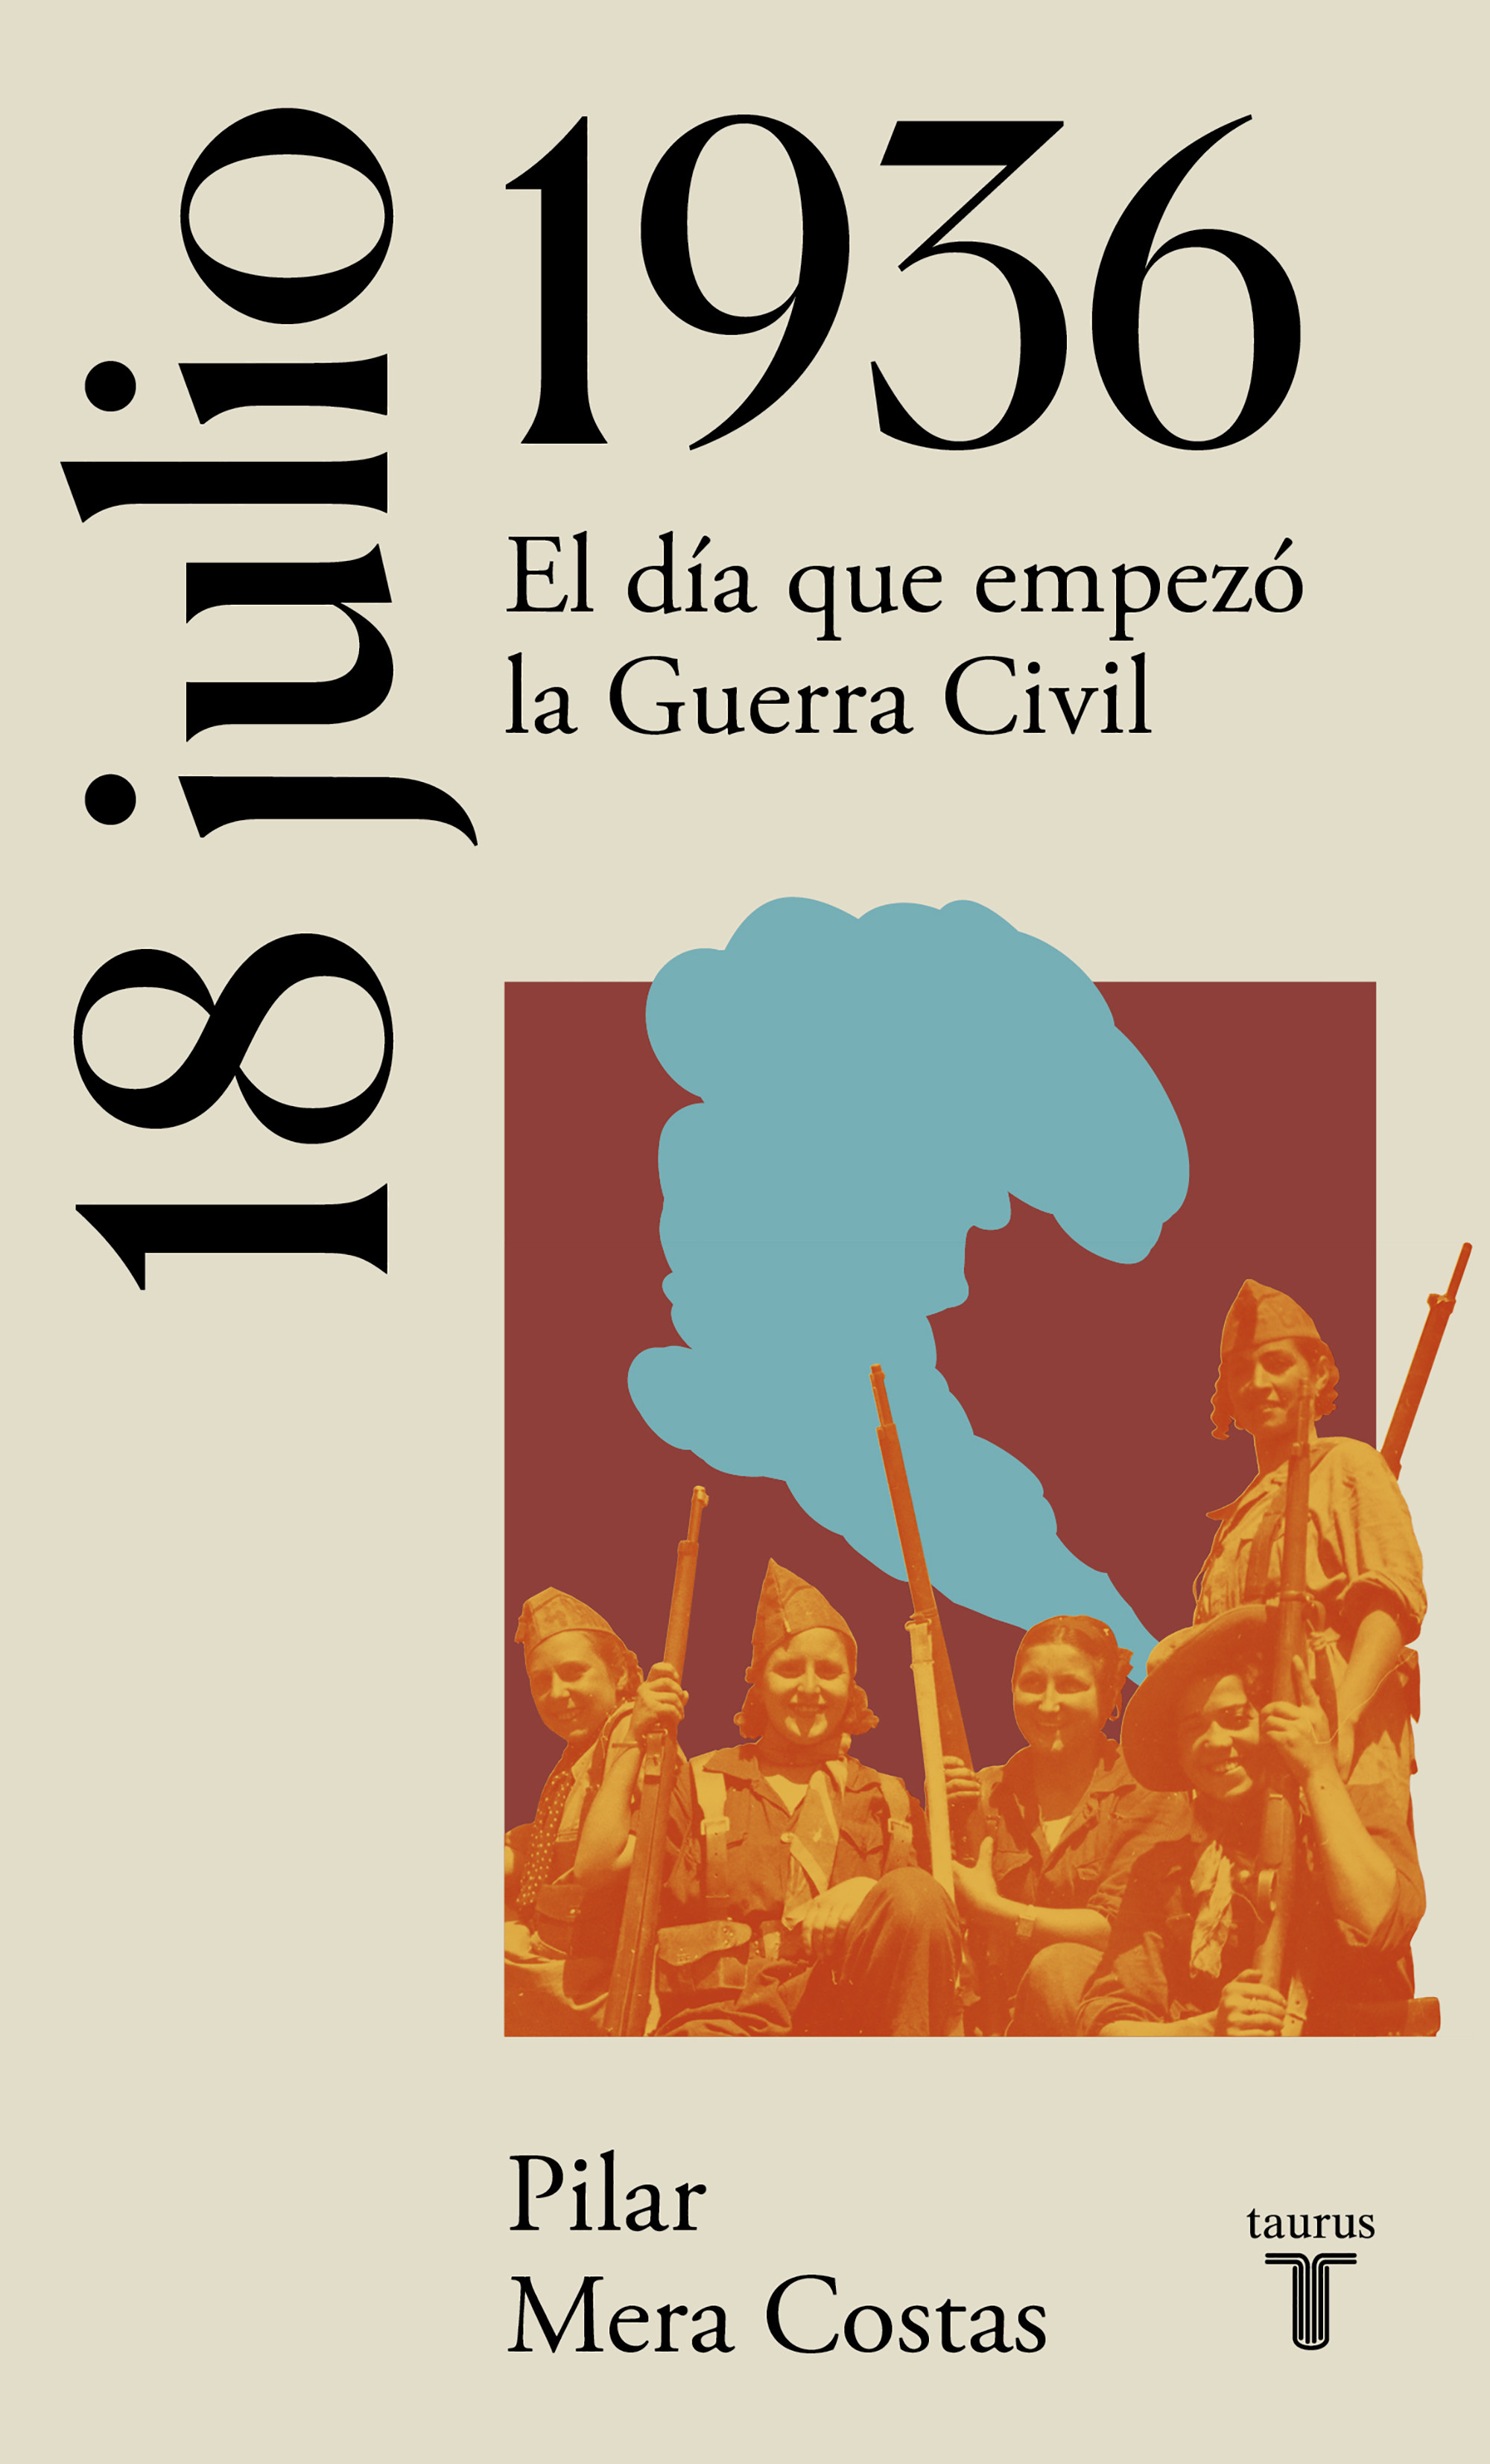 18 de julio de 1936 (La España del siglo XX en siete días)